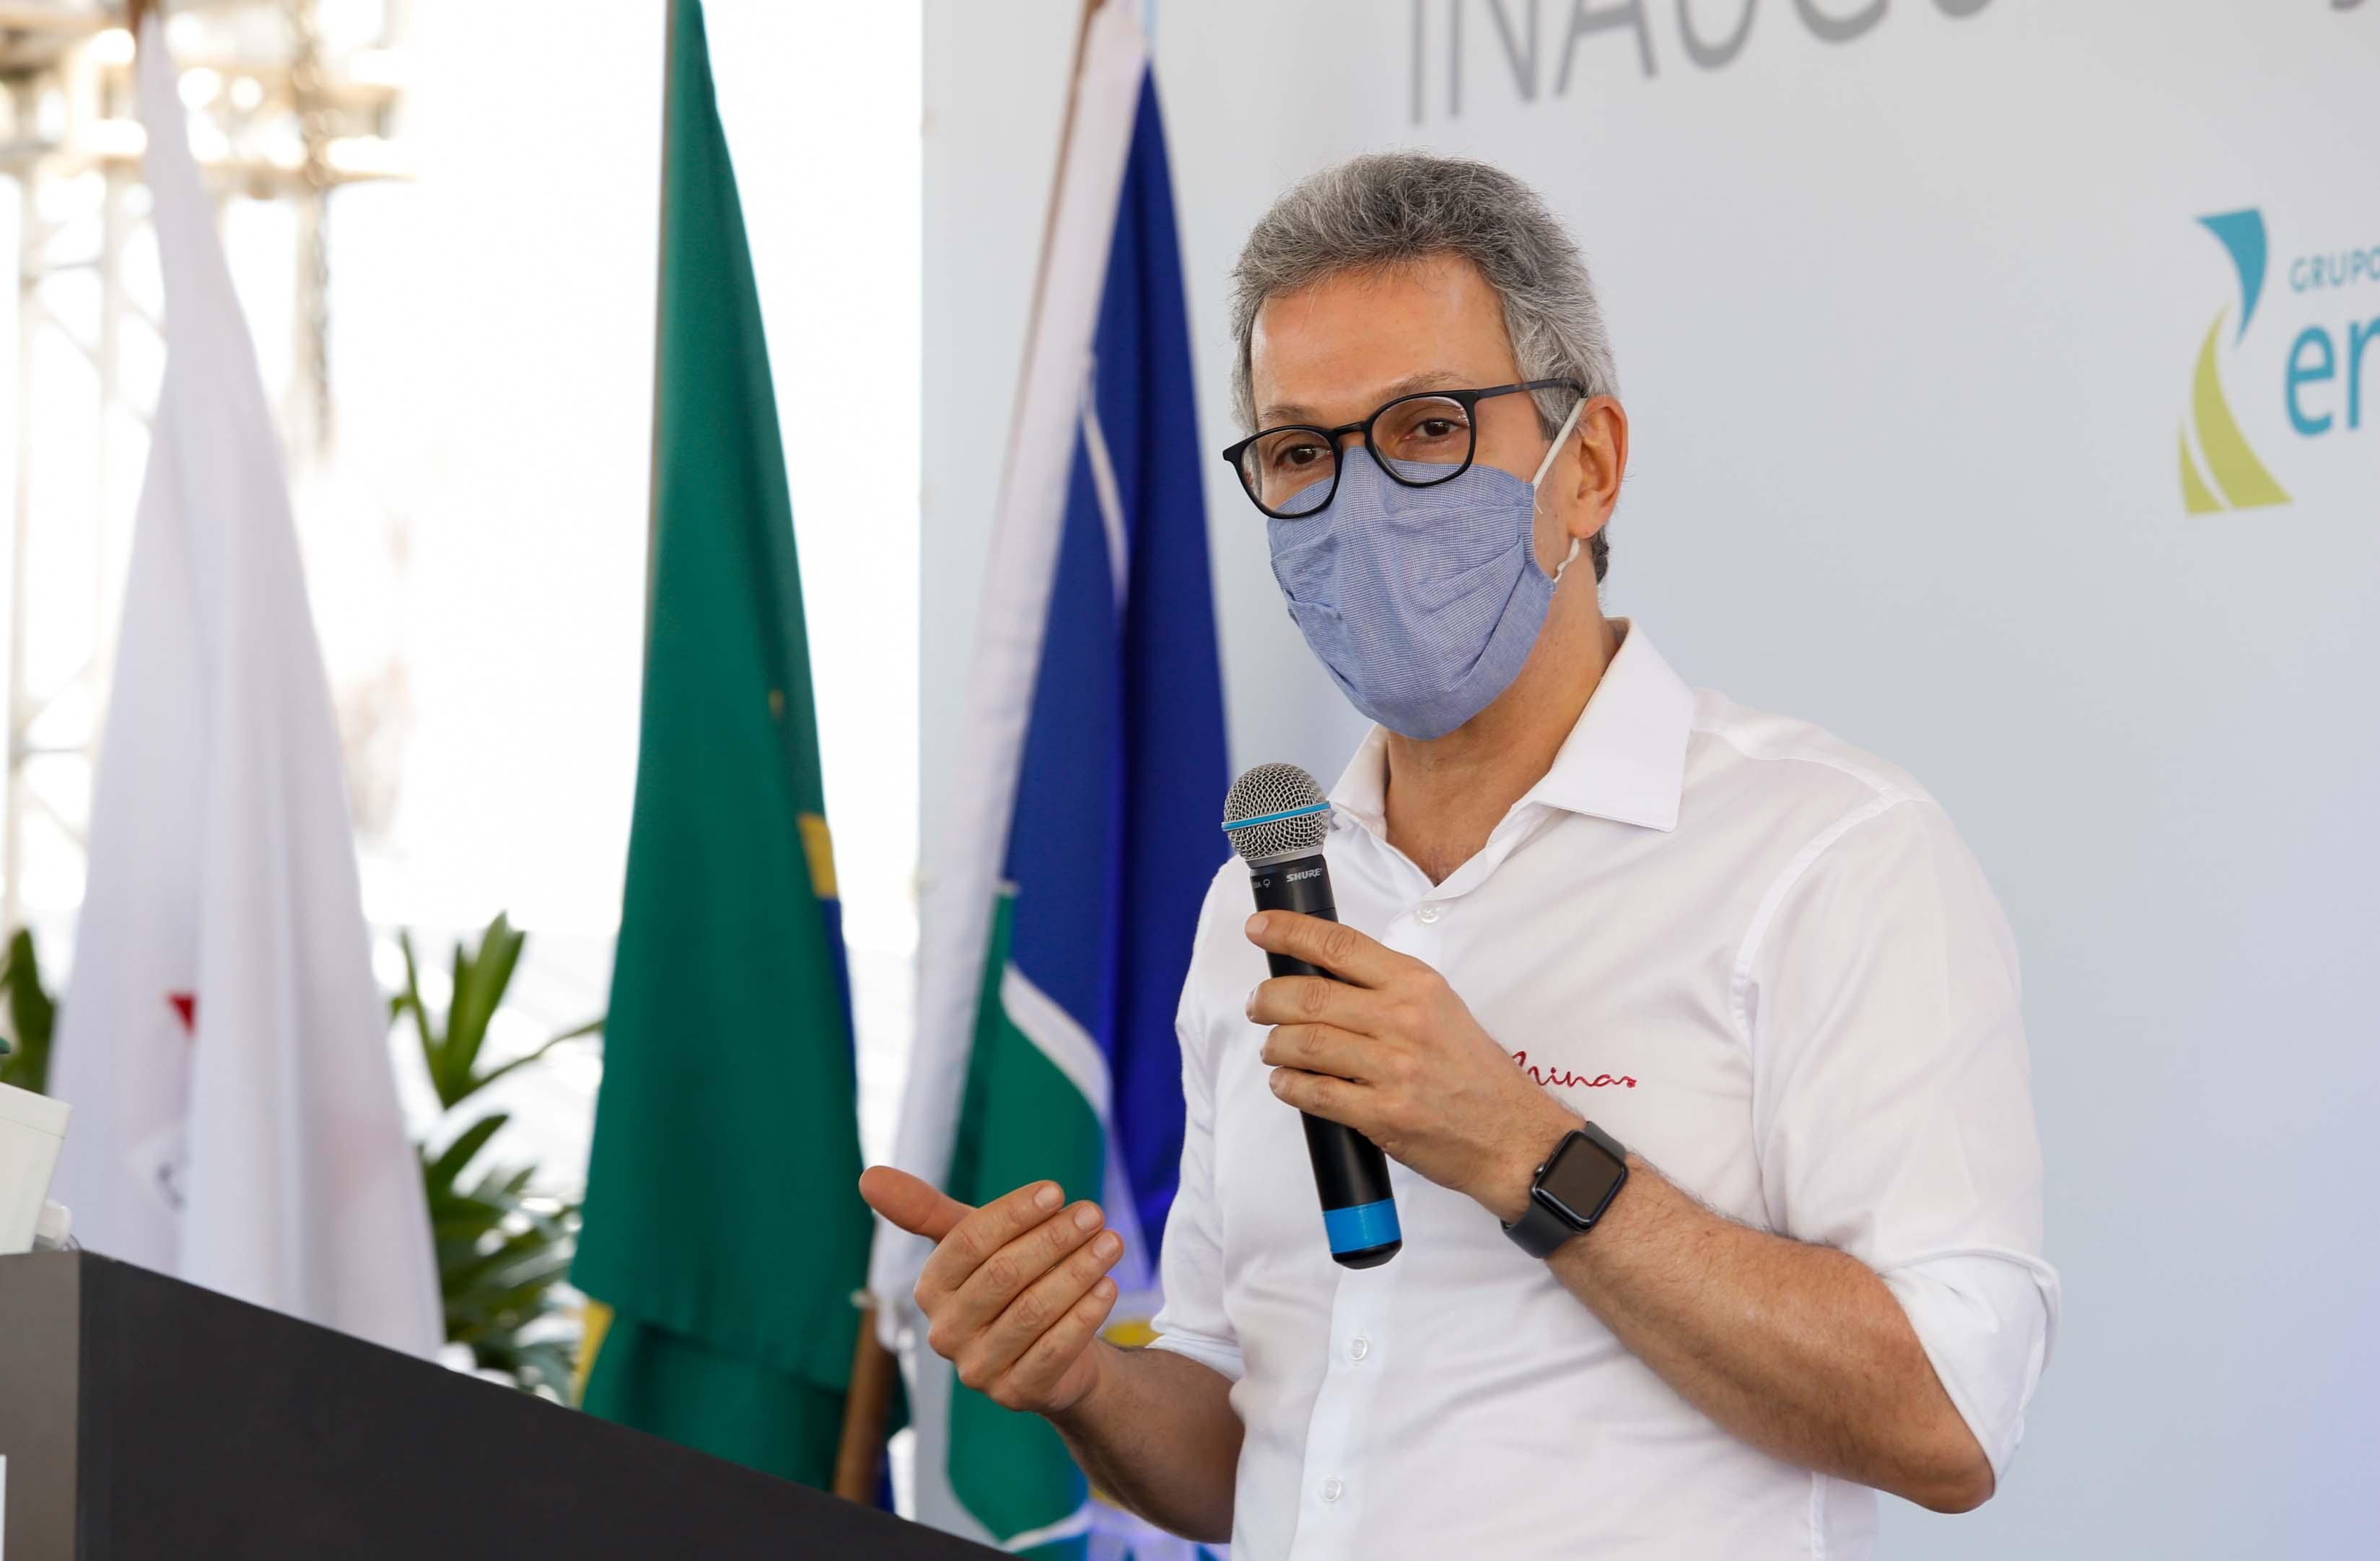 Governador apresenta resultados do programa Transforma Minas